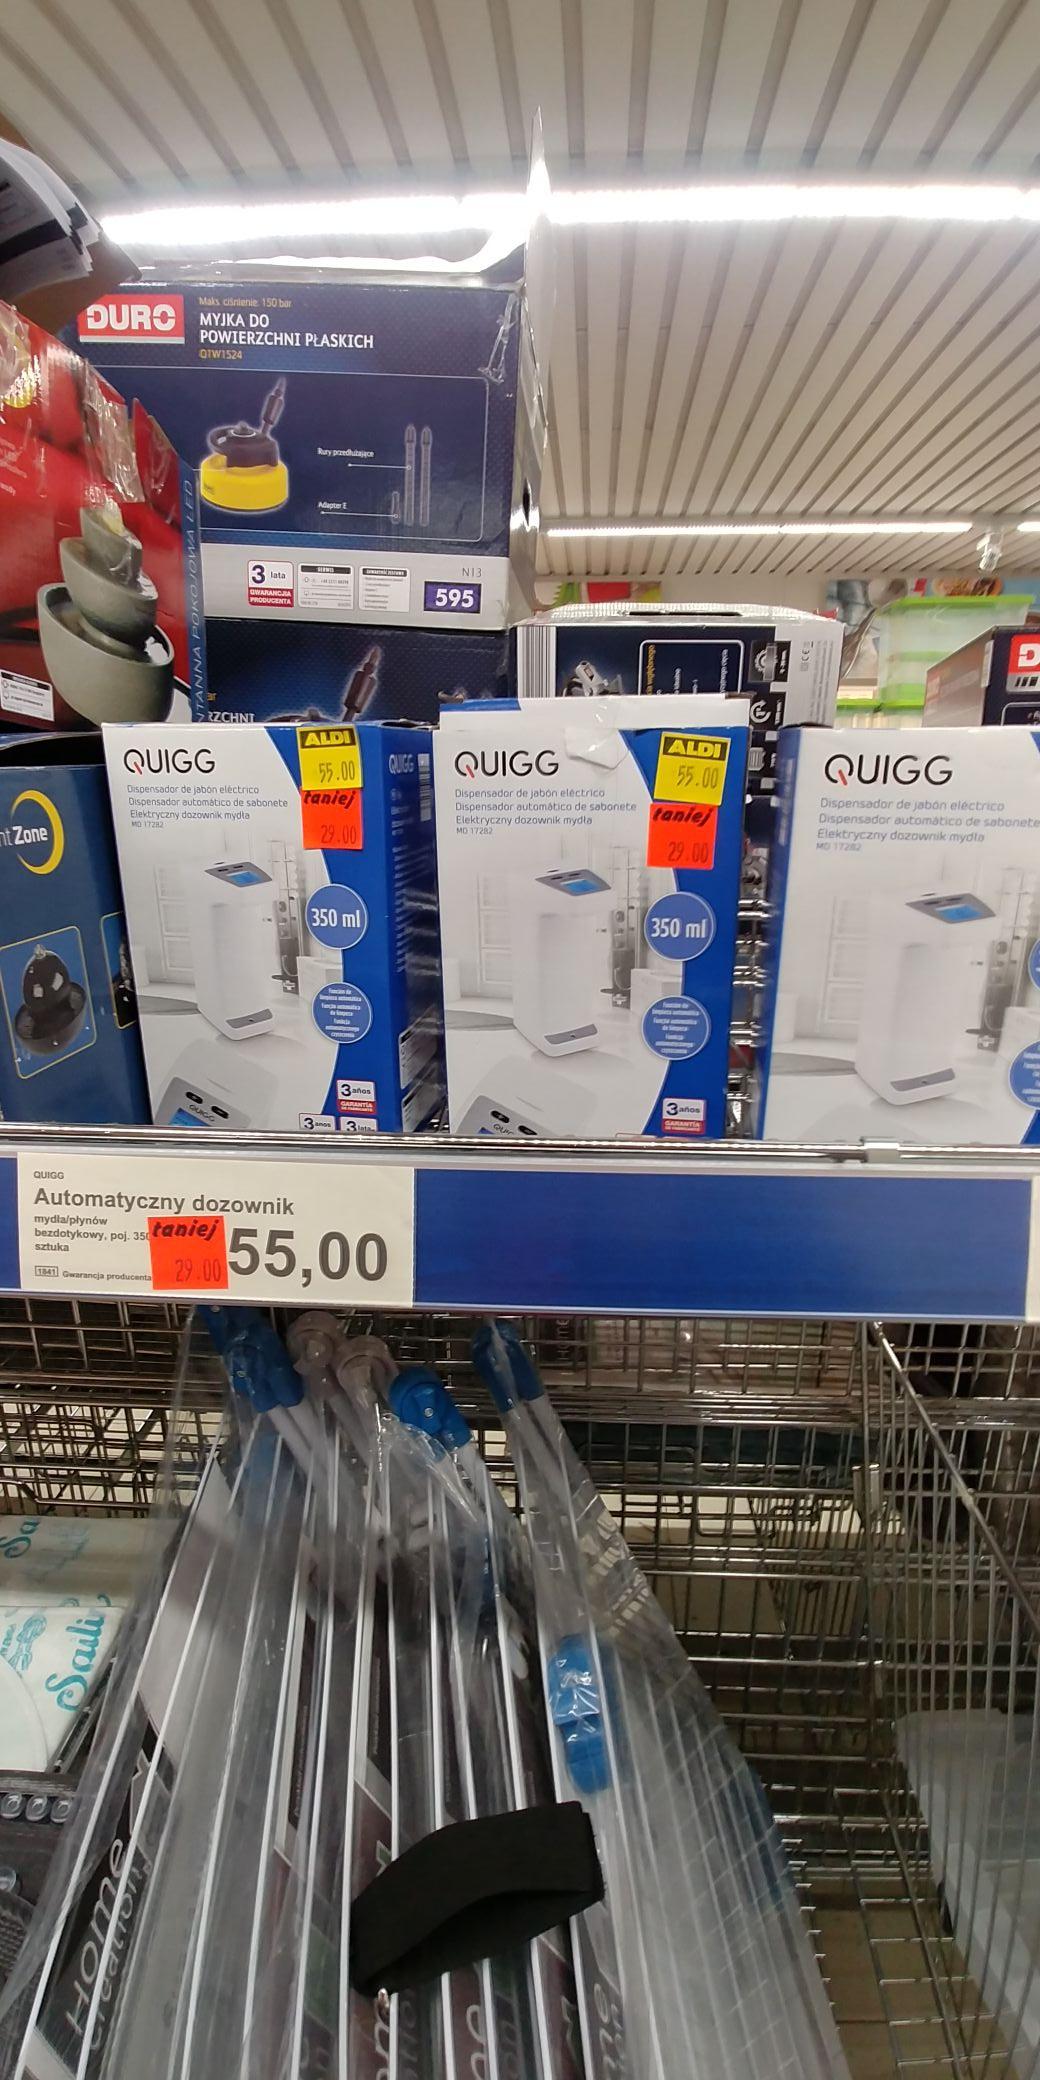 Elektryczny dozownik mydła Quigg @Aldi